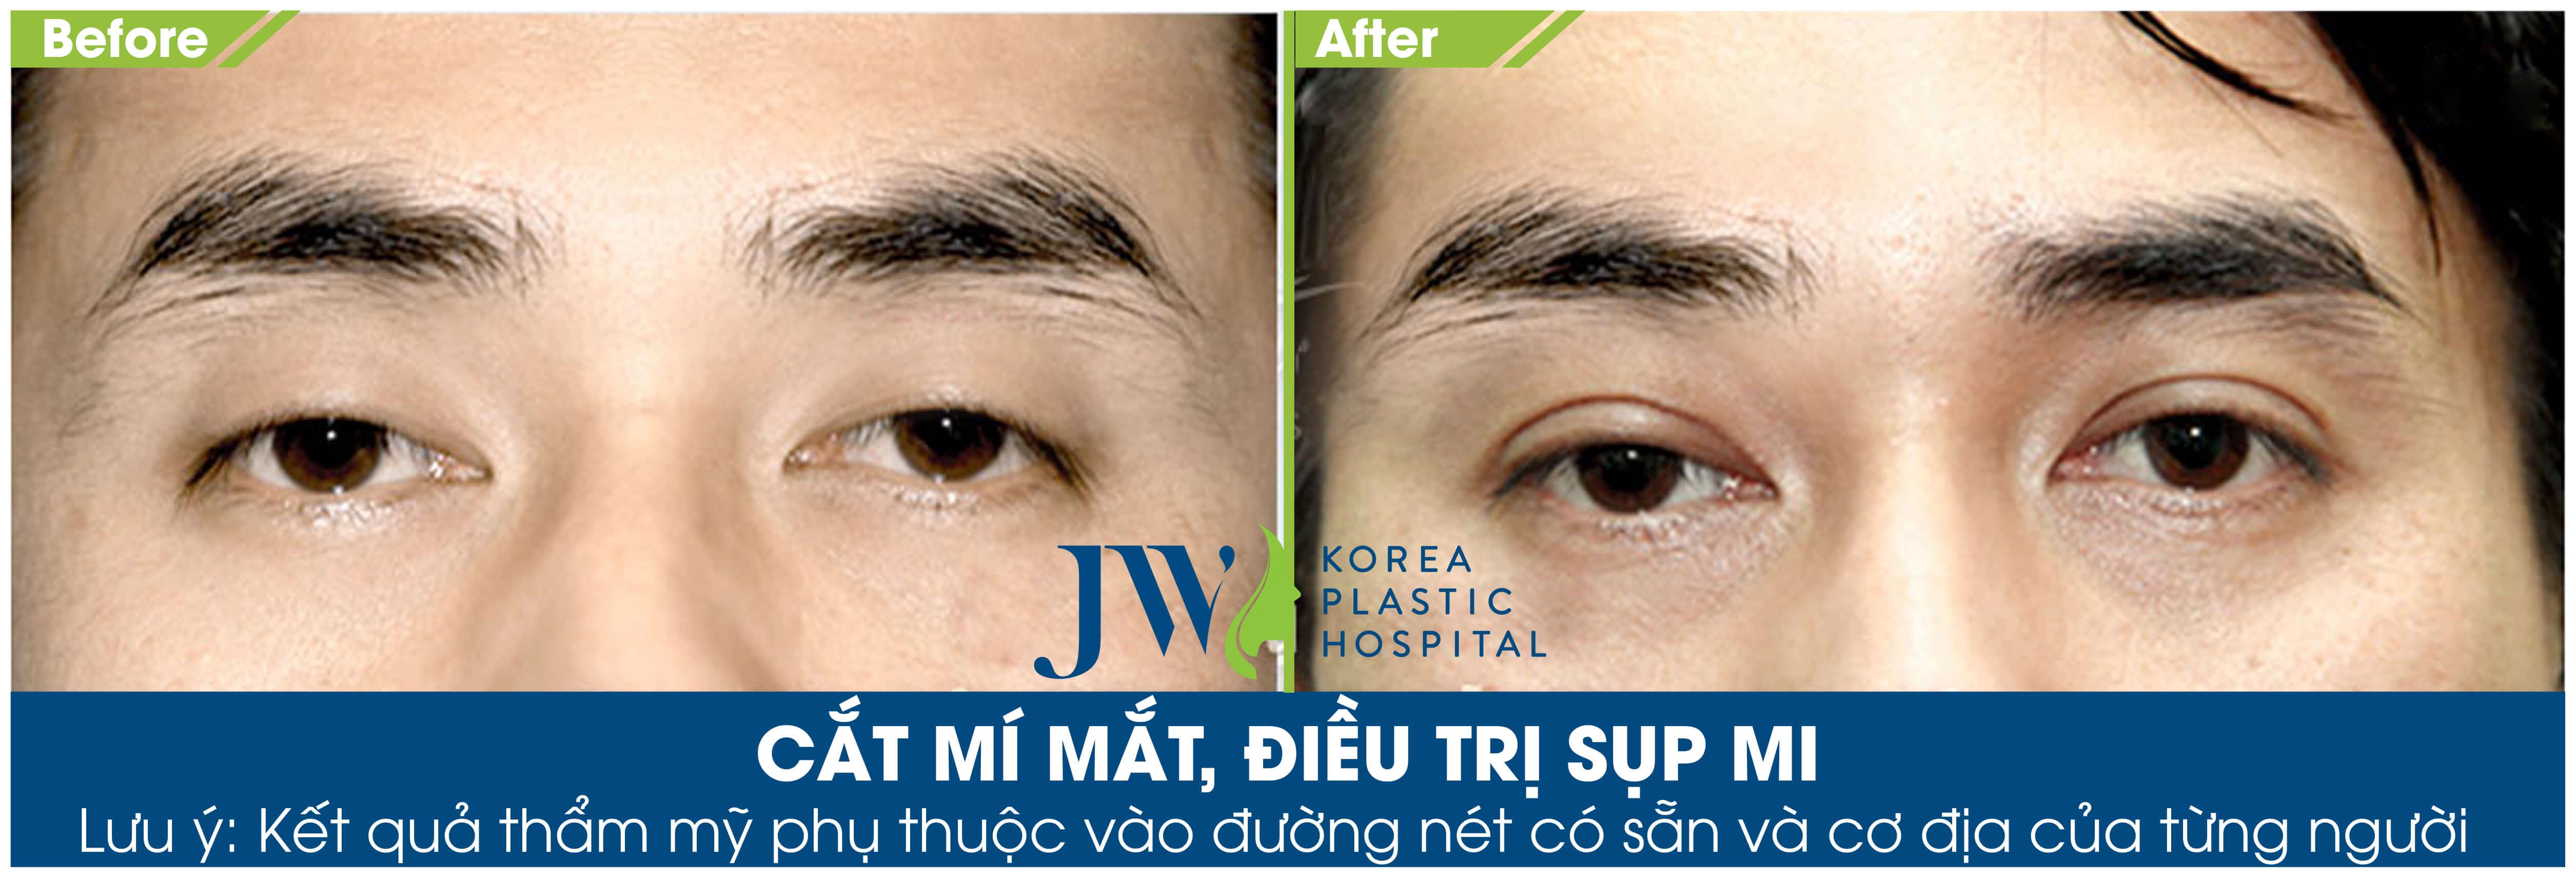 5 nguyên nhân gây sụp mí mắt và cách điều trị hiệu quả - Ảnh 10